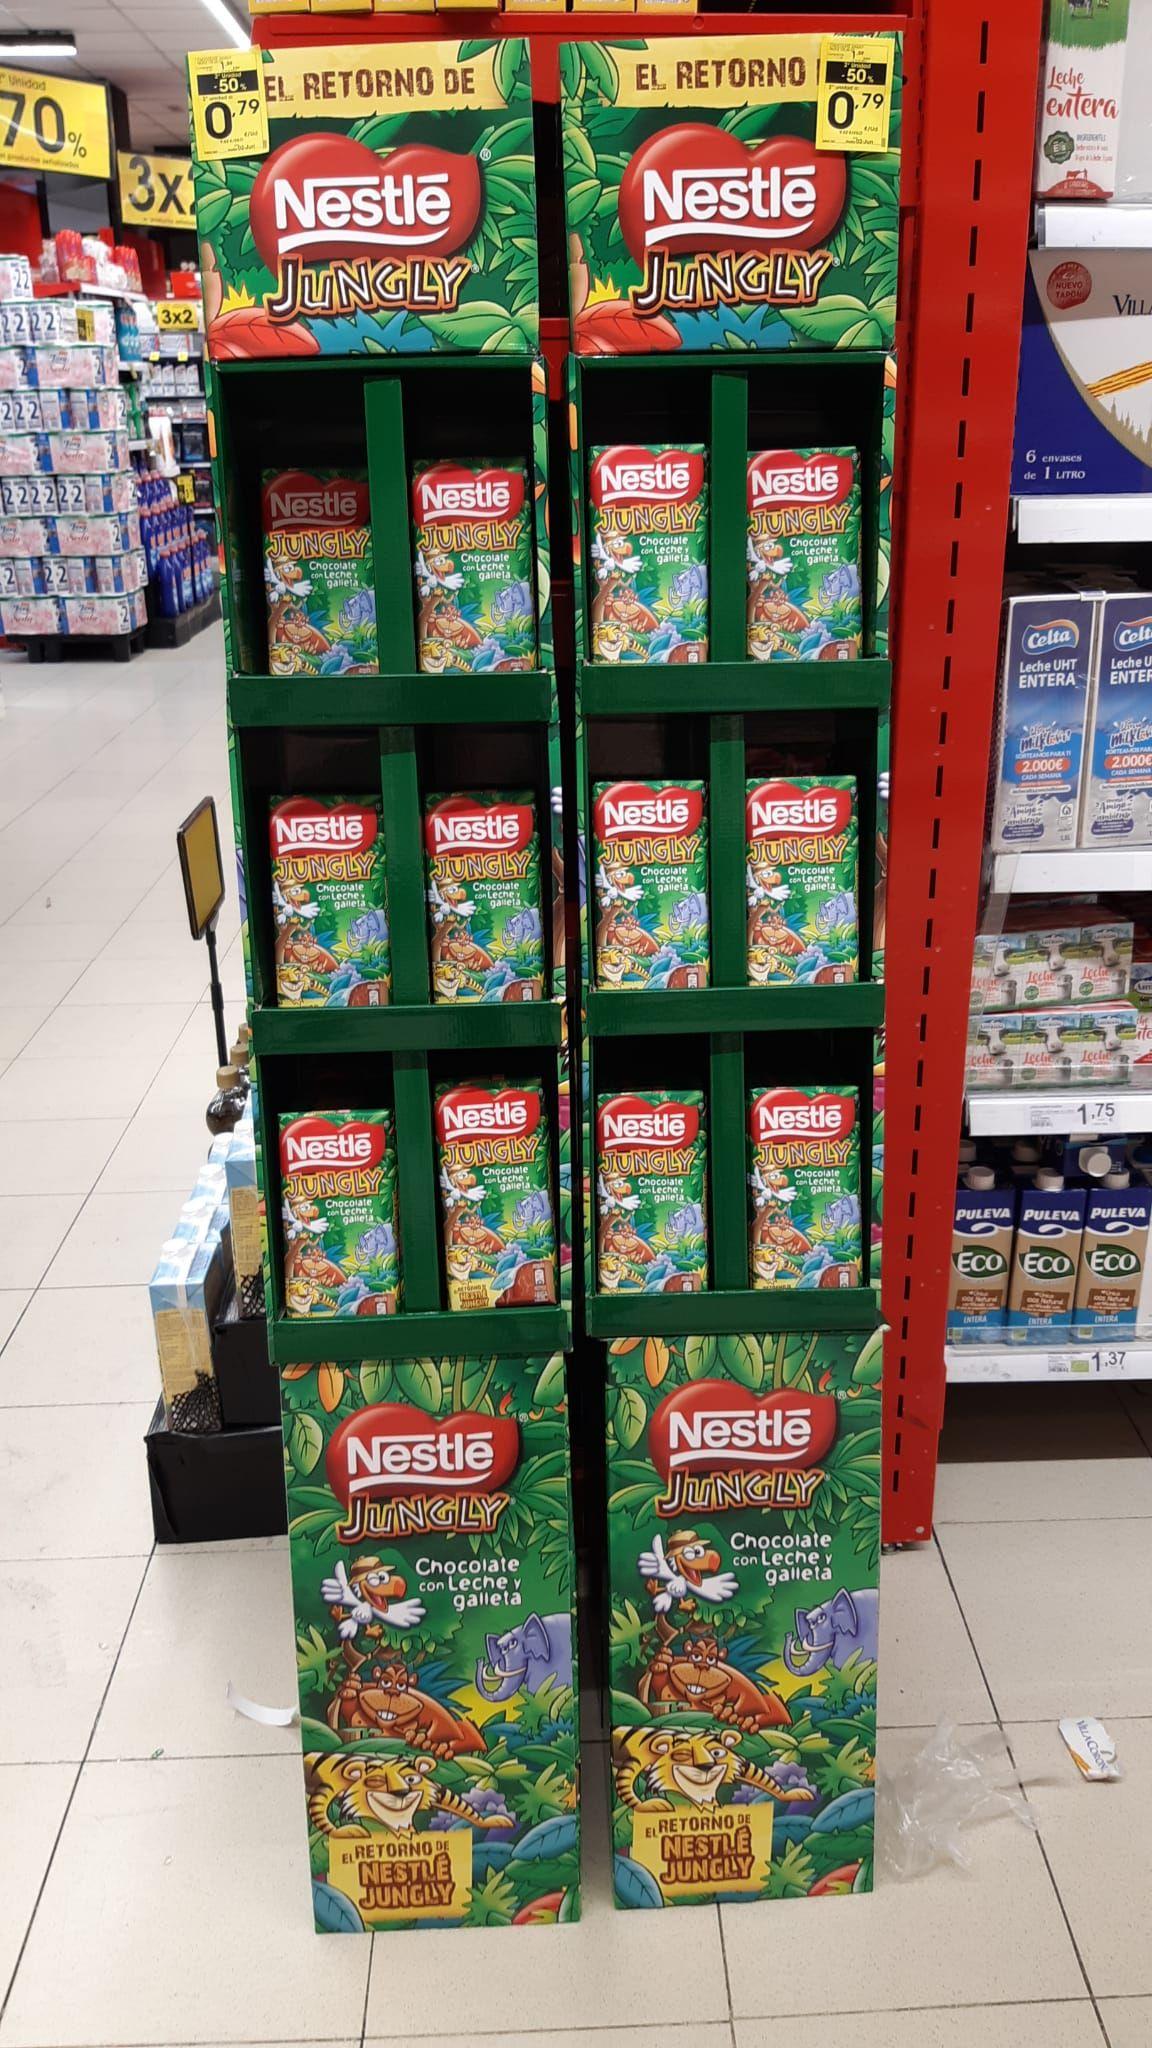 Nestlé Jungly (Segunda unidad 50% de descuento) en el Eroski del Coso, Zaragoza